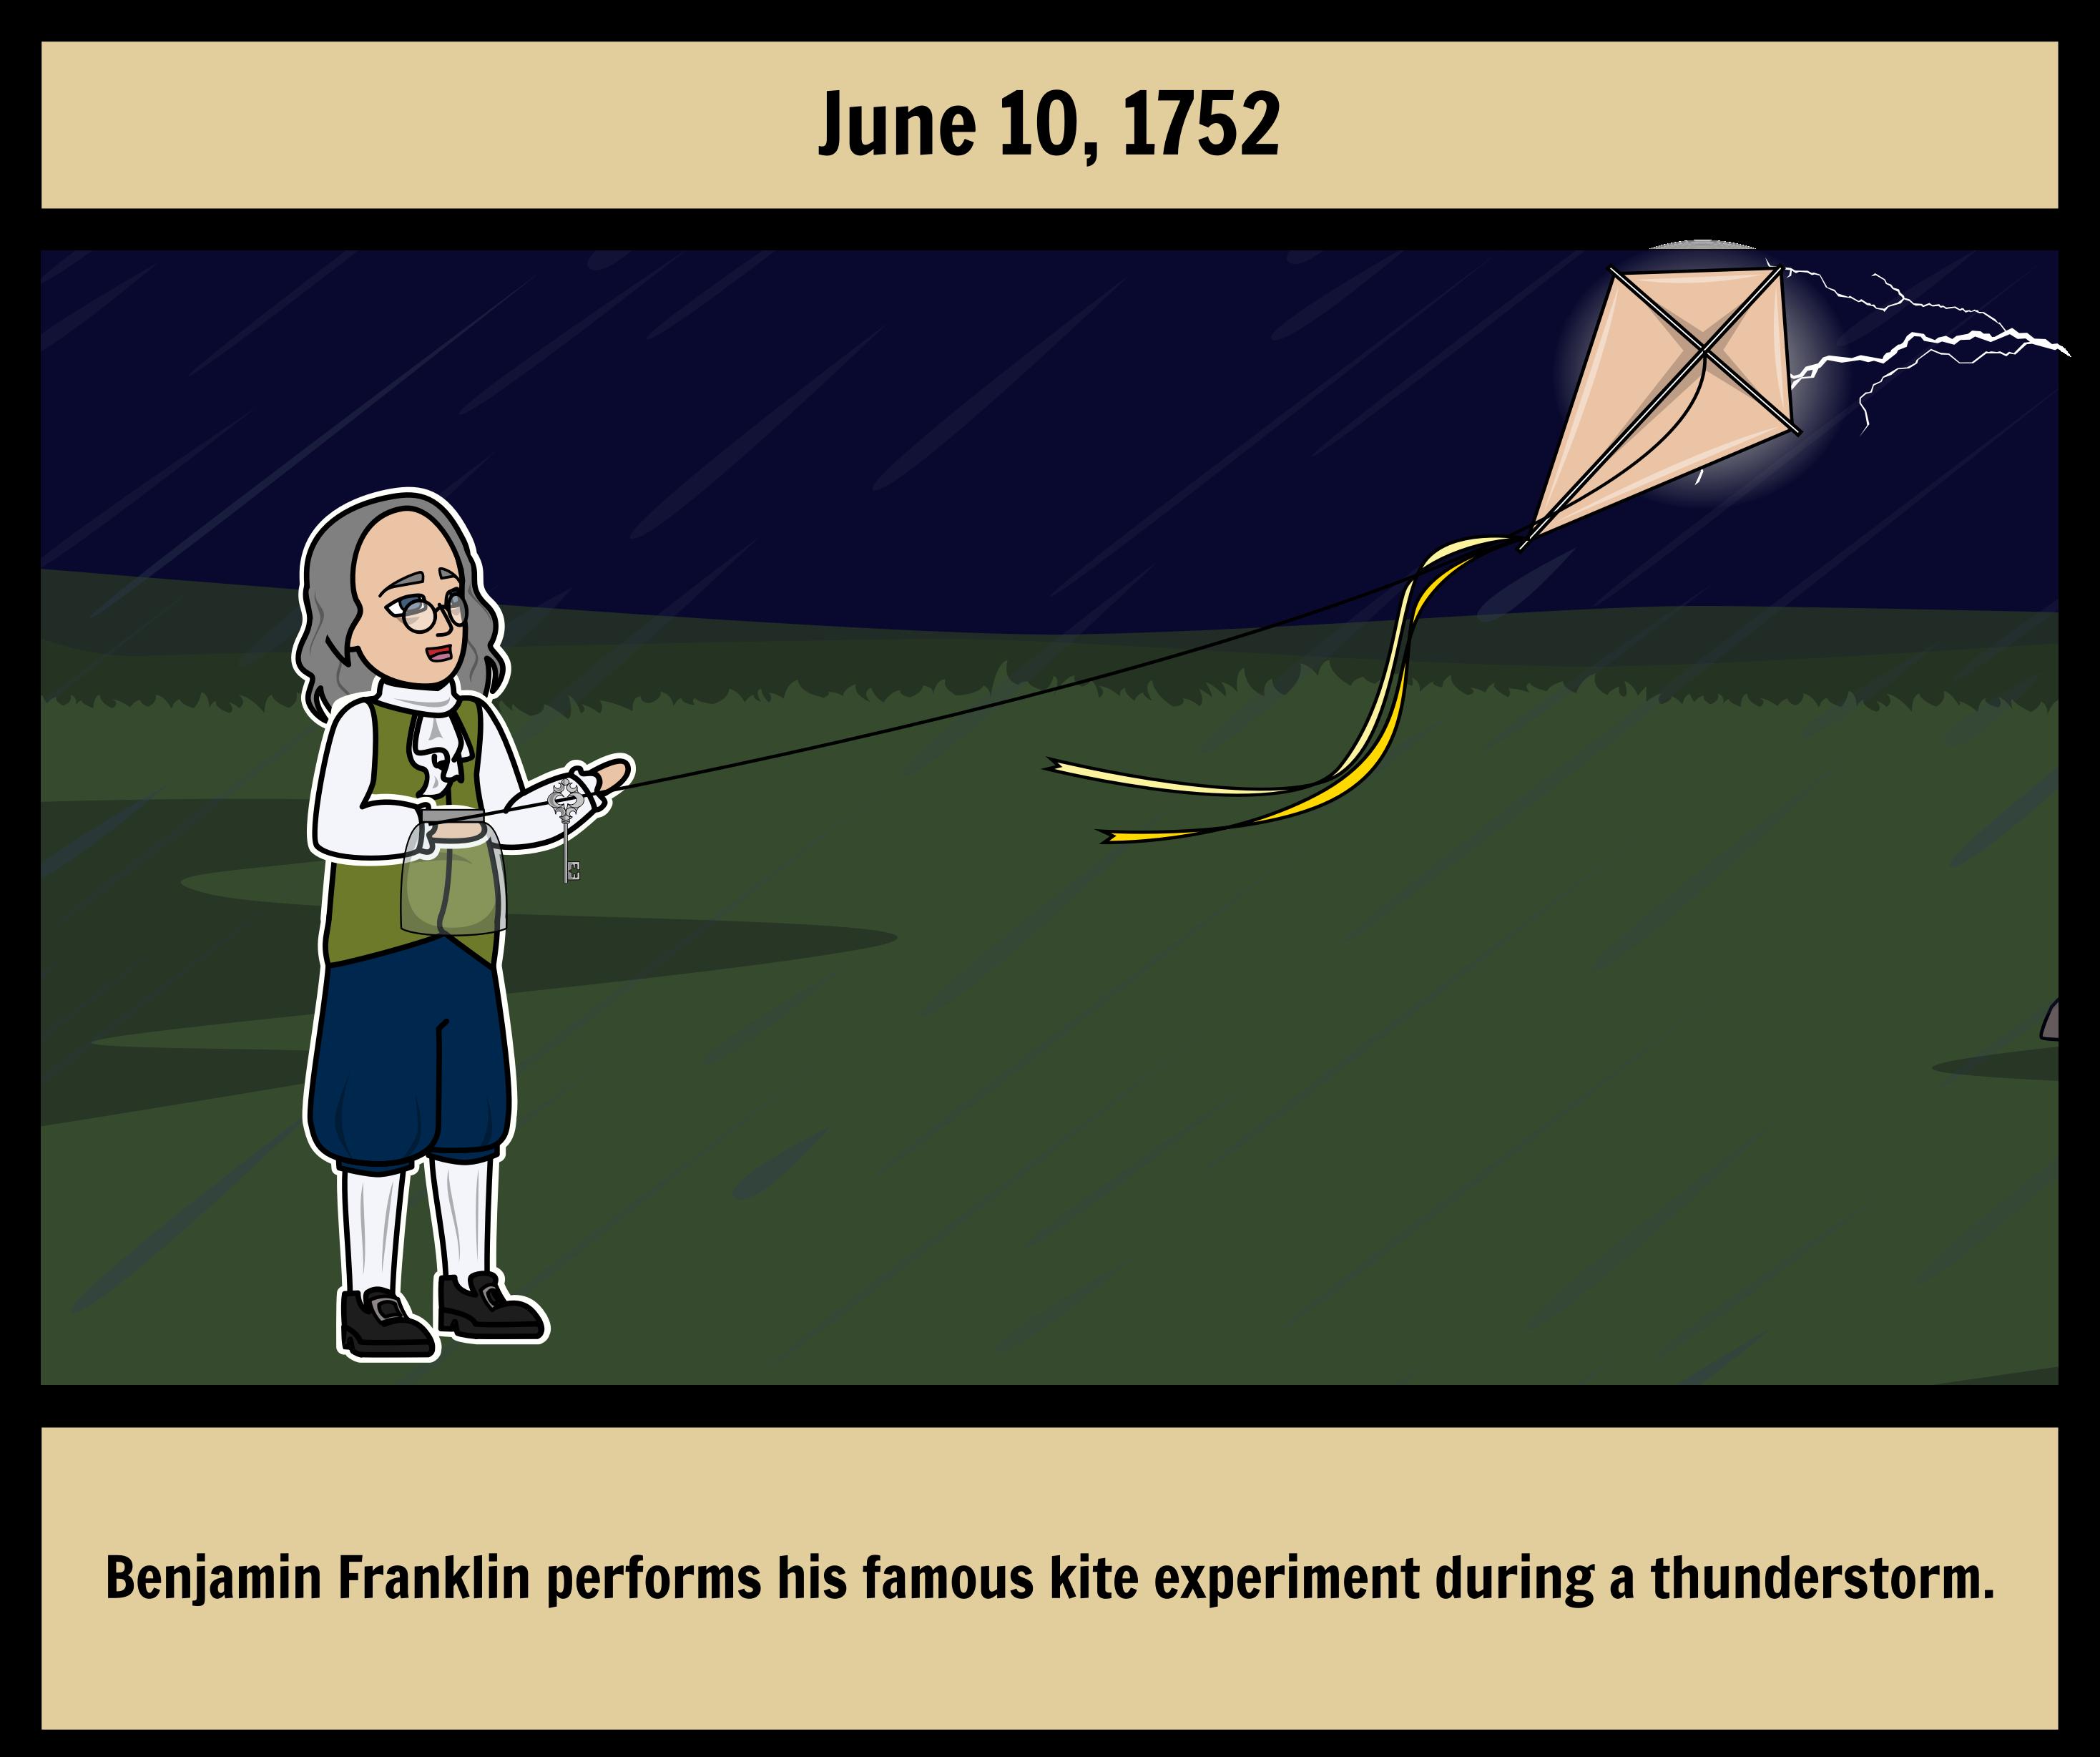 Benjamin Franklin Flies Kite